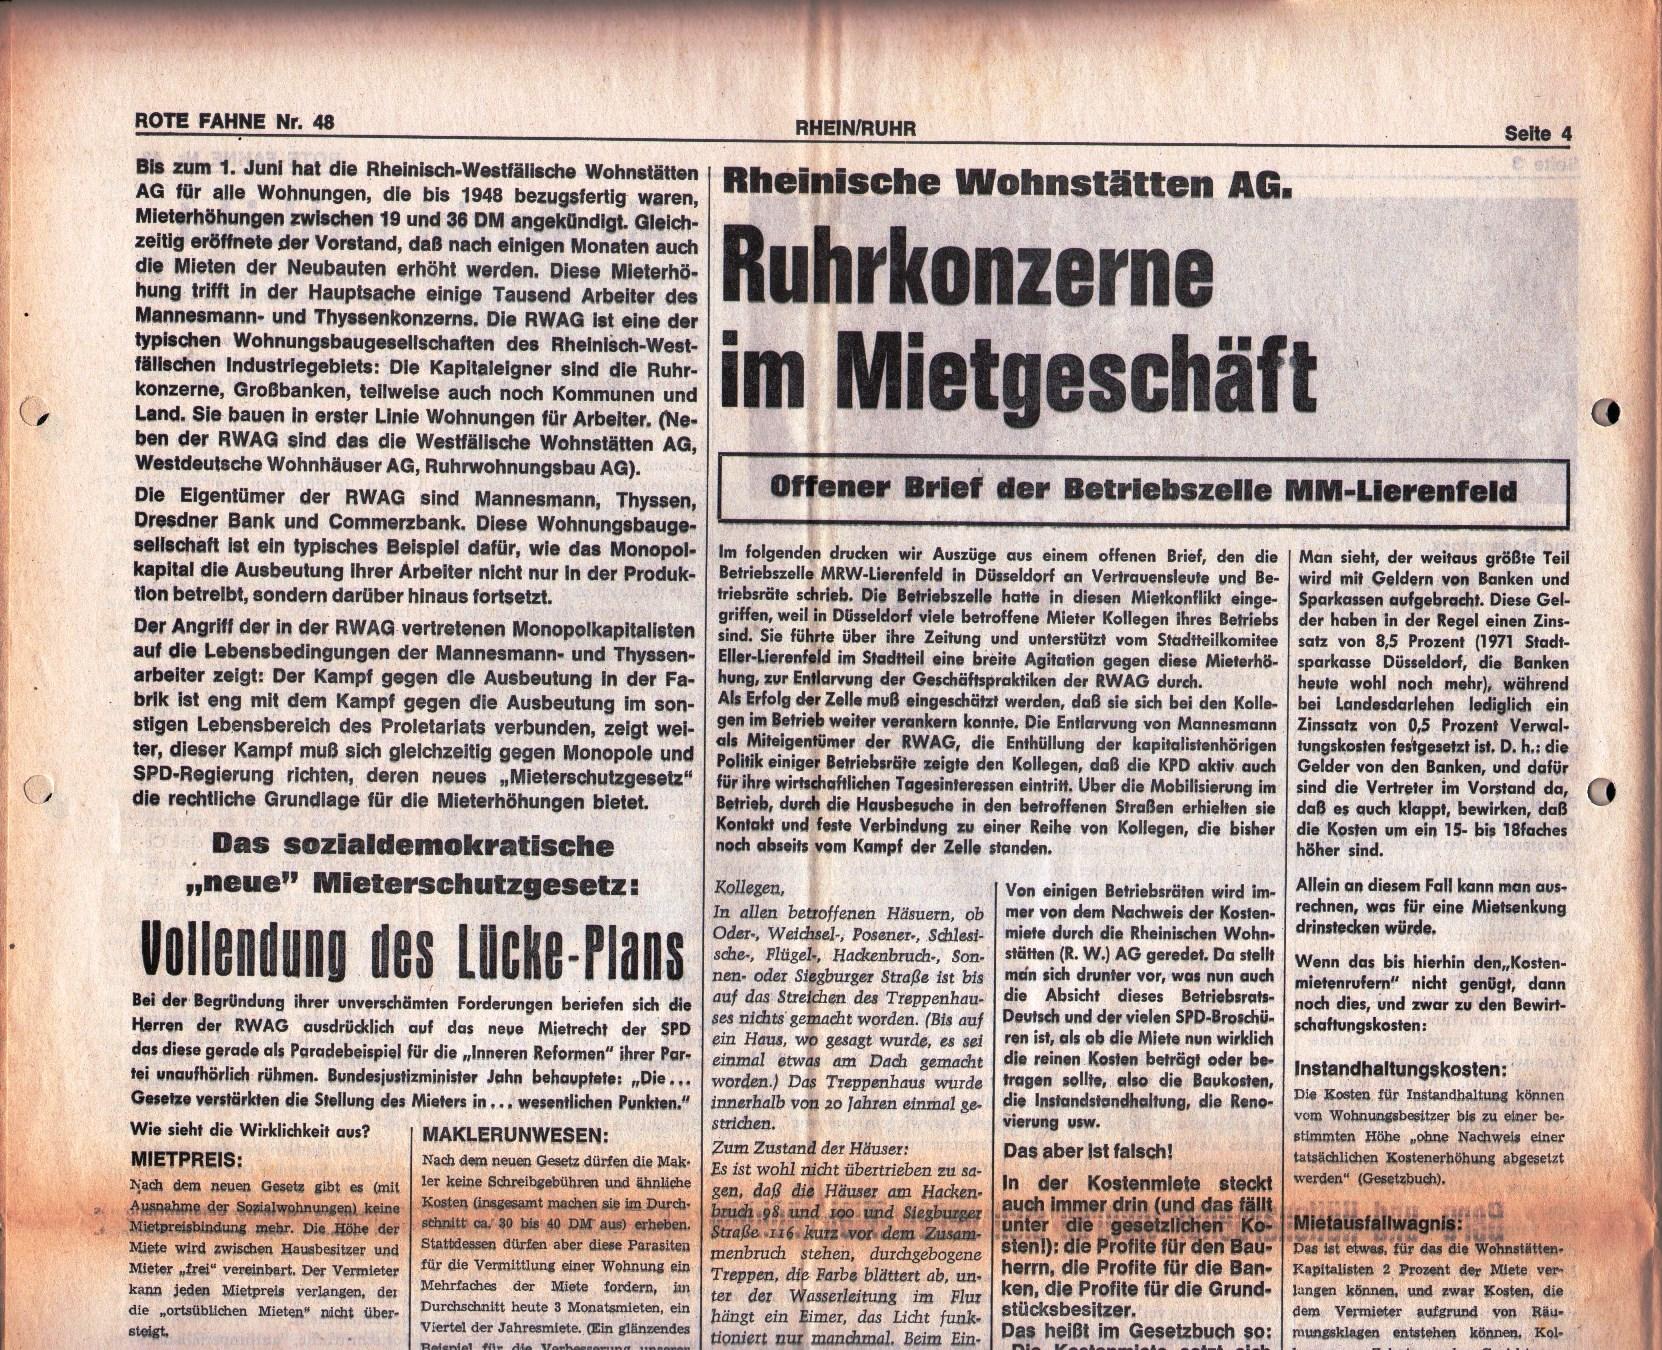 KPD_Rote_Fahne_1972_48_07